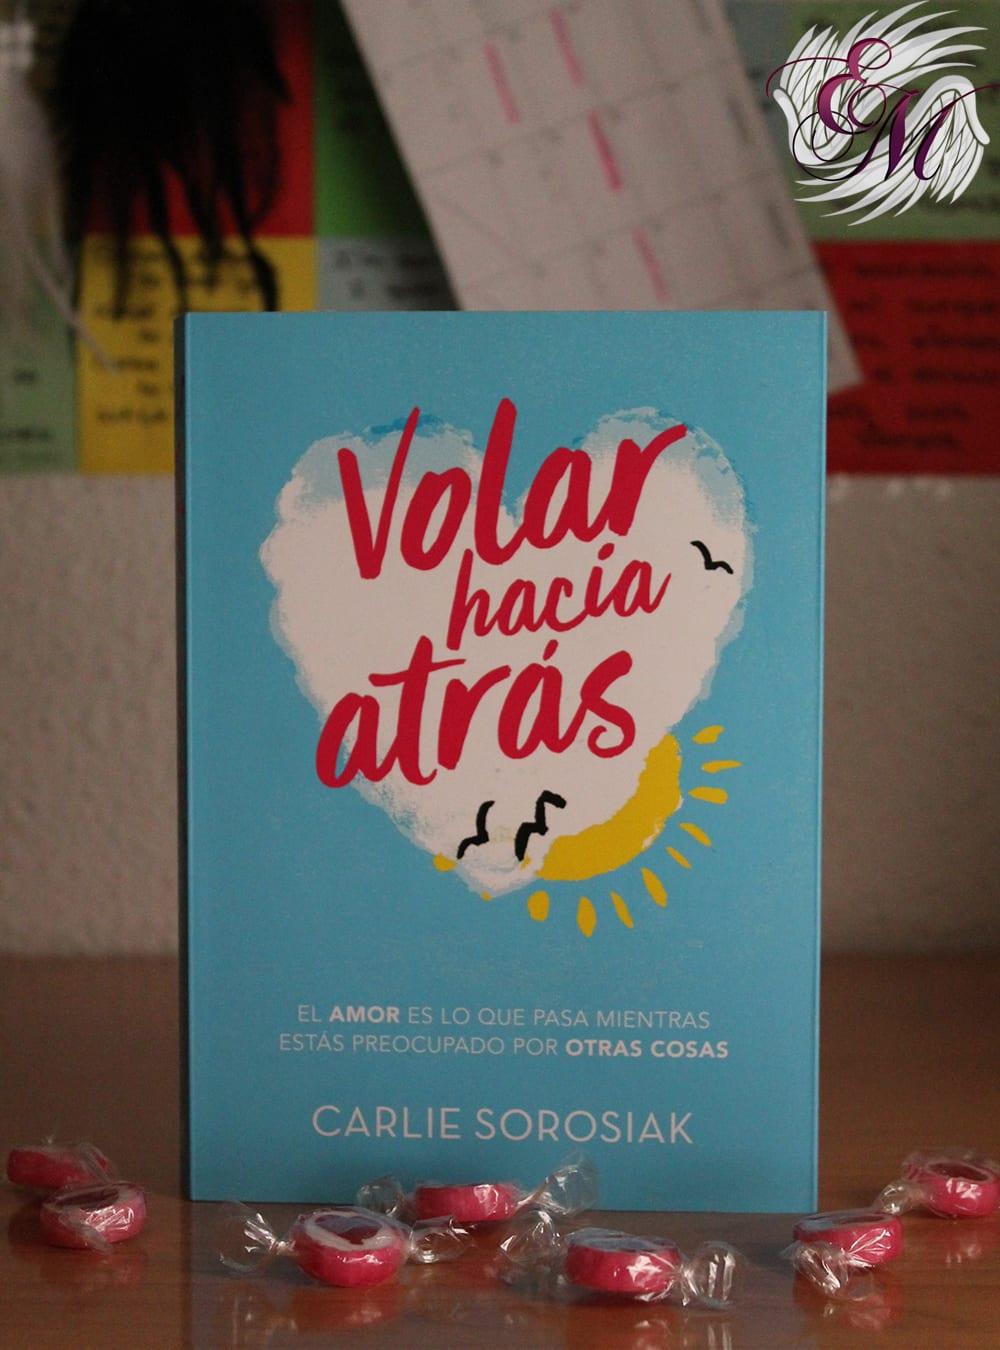 Volar hacia atrás, de Carlie Sorosiak - Reseña